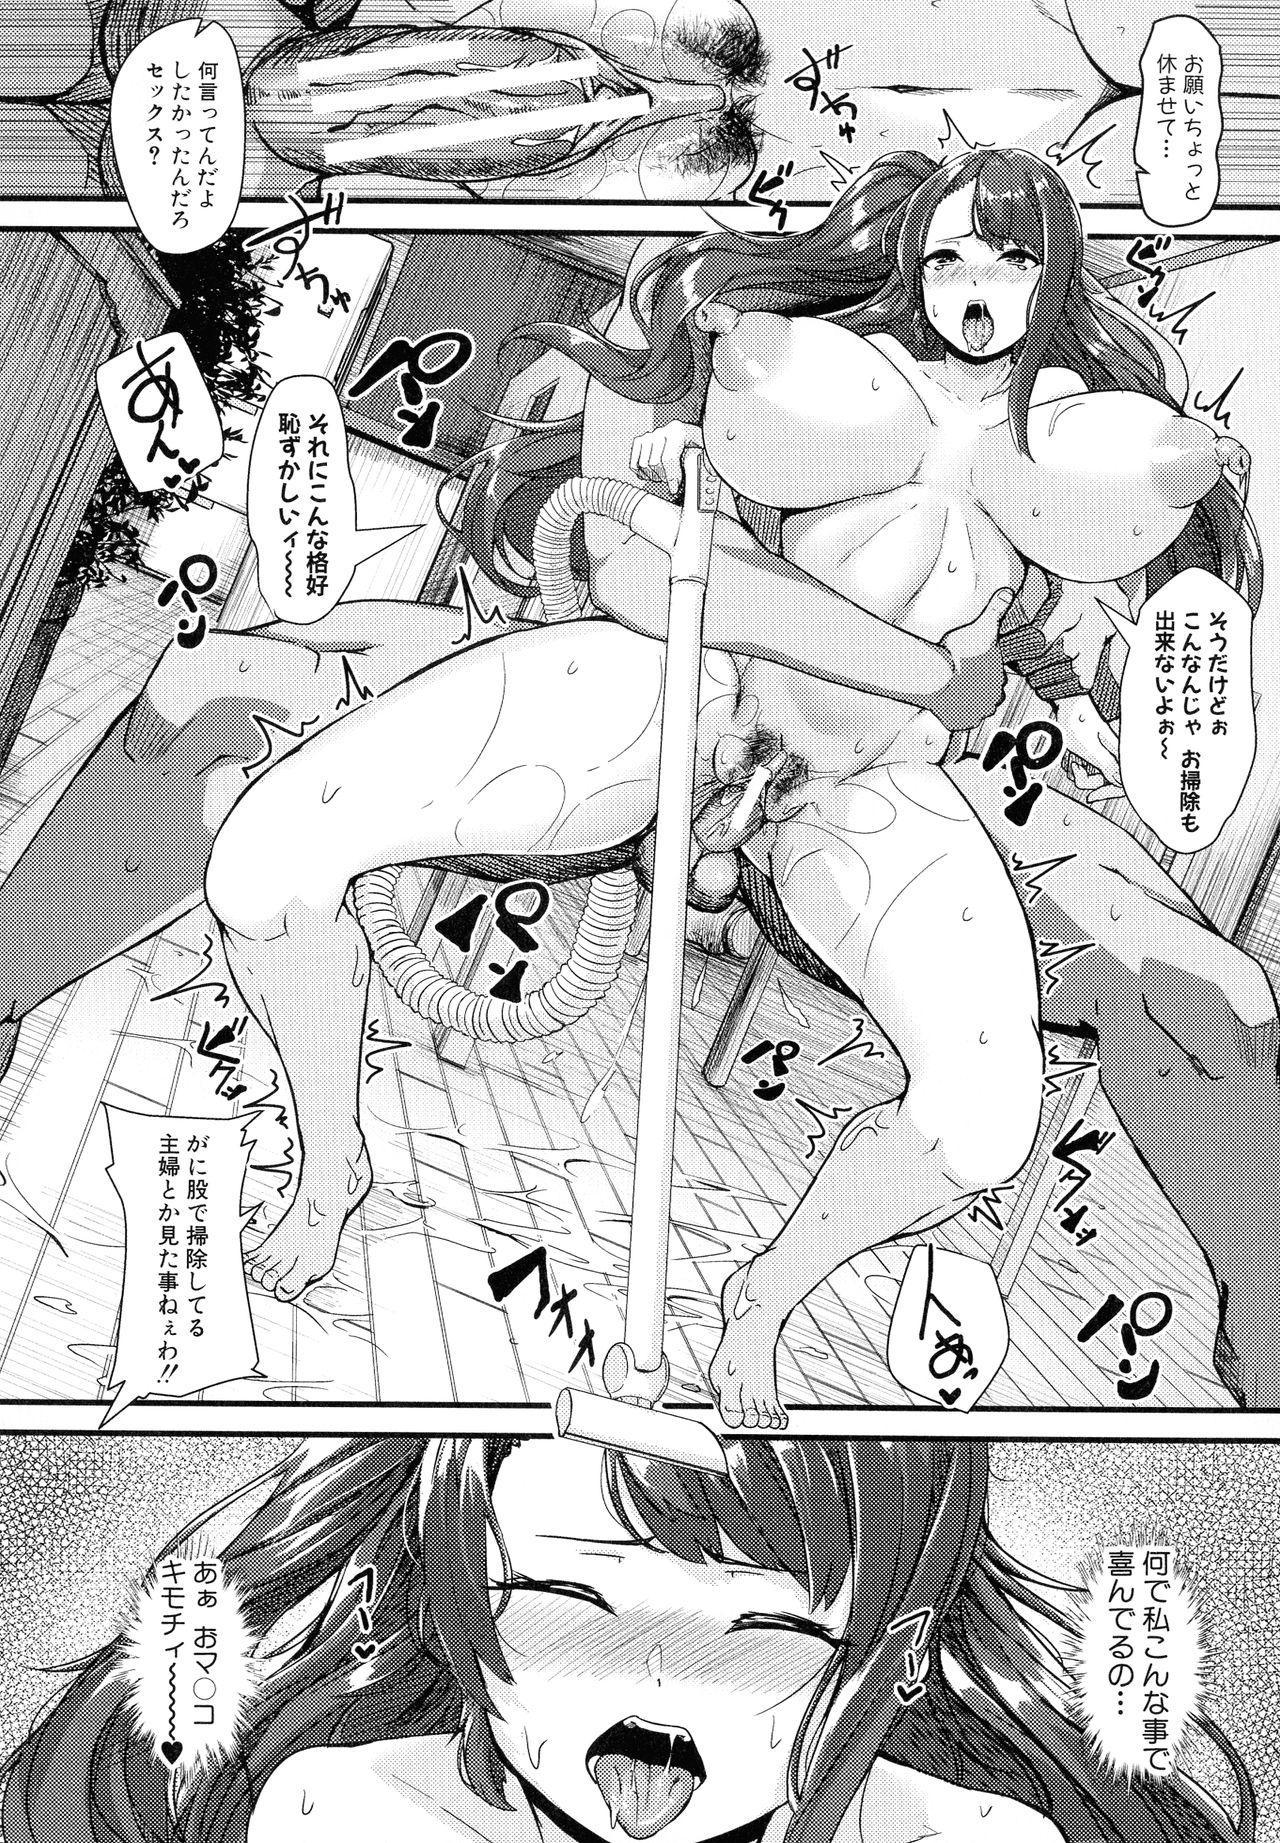 100% Maketa Watashi no Ana - Guchogucho ni Okashitekuru Aitsu no Kyokon 17